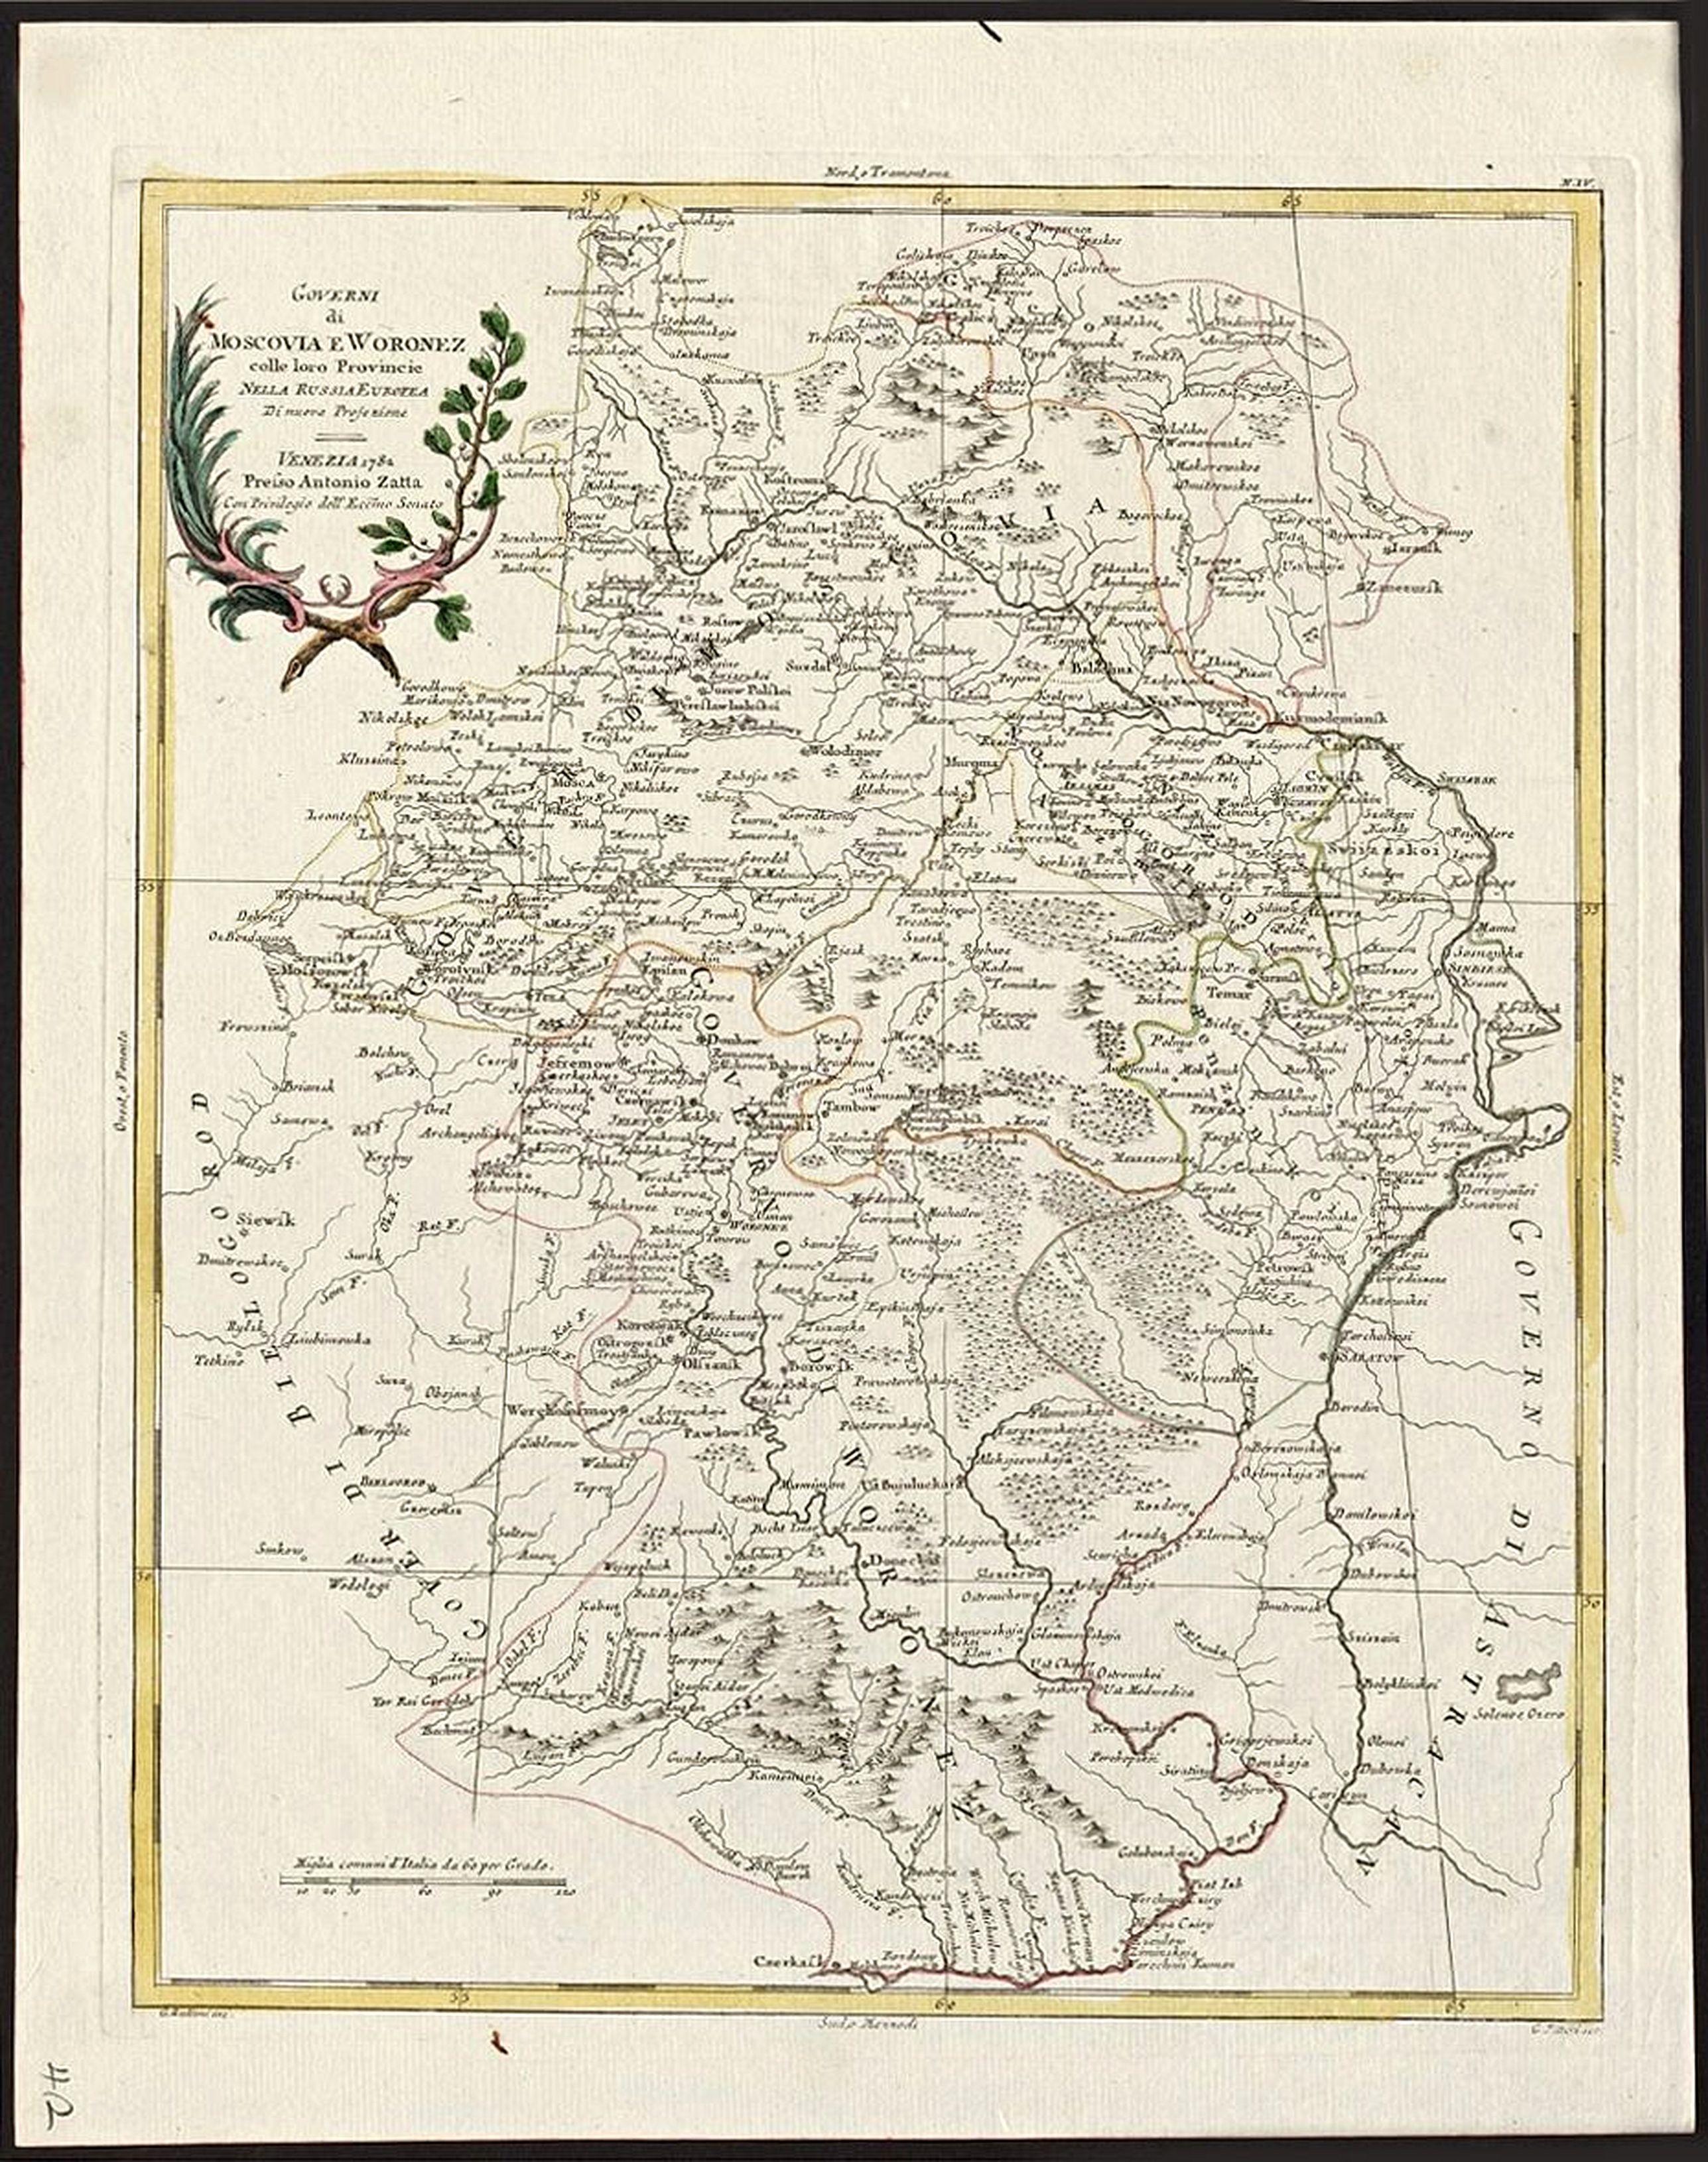 ZATTA, Antonio - Governi di Moscovia E Woronez colle loro Provincie Nella Russia Europae.